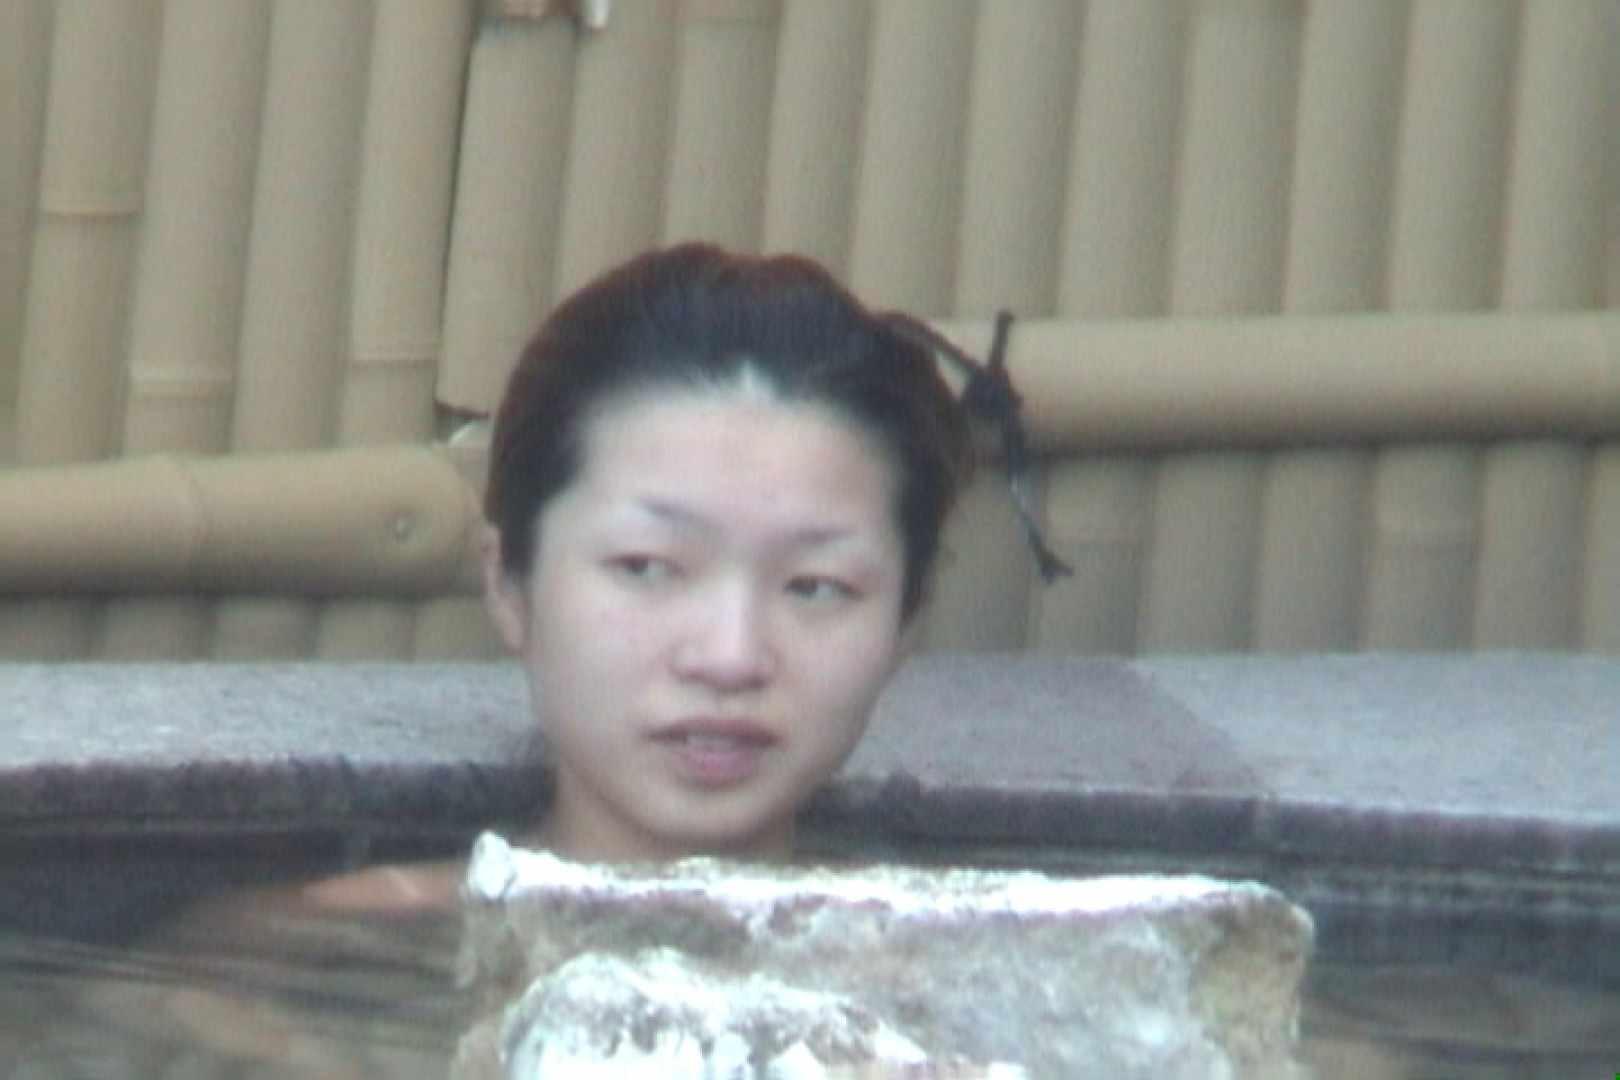 Aquaな露天風呂Vol.571 盗撮師作品 セックス無修正動画無料 99pic 32